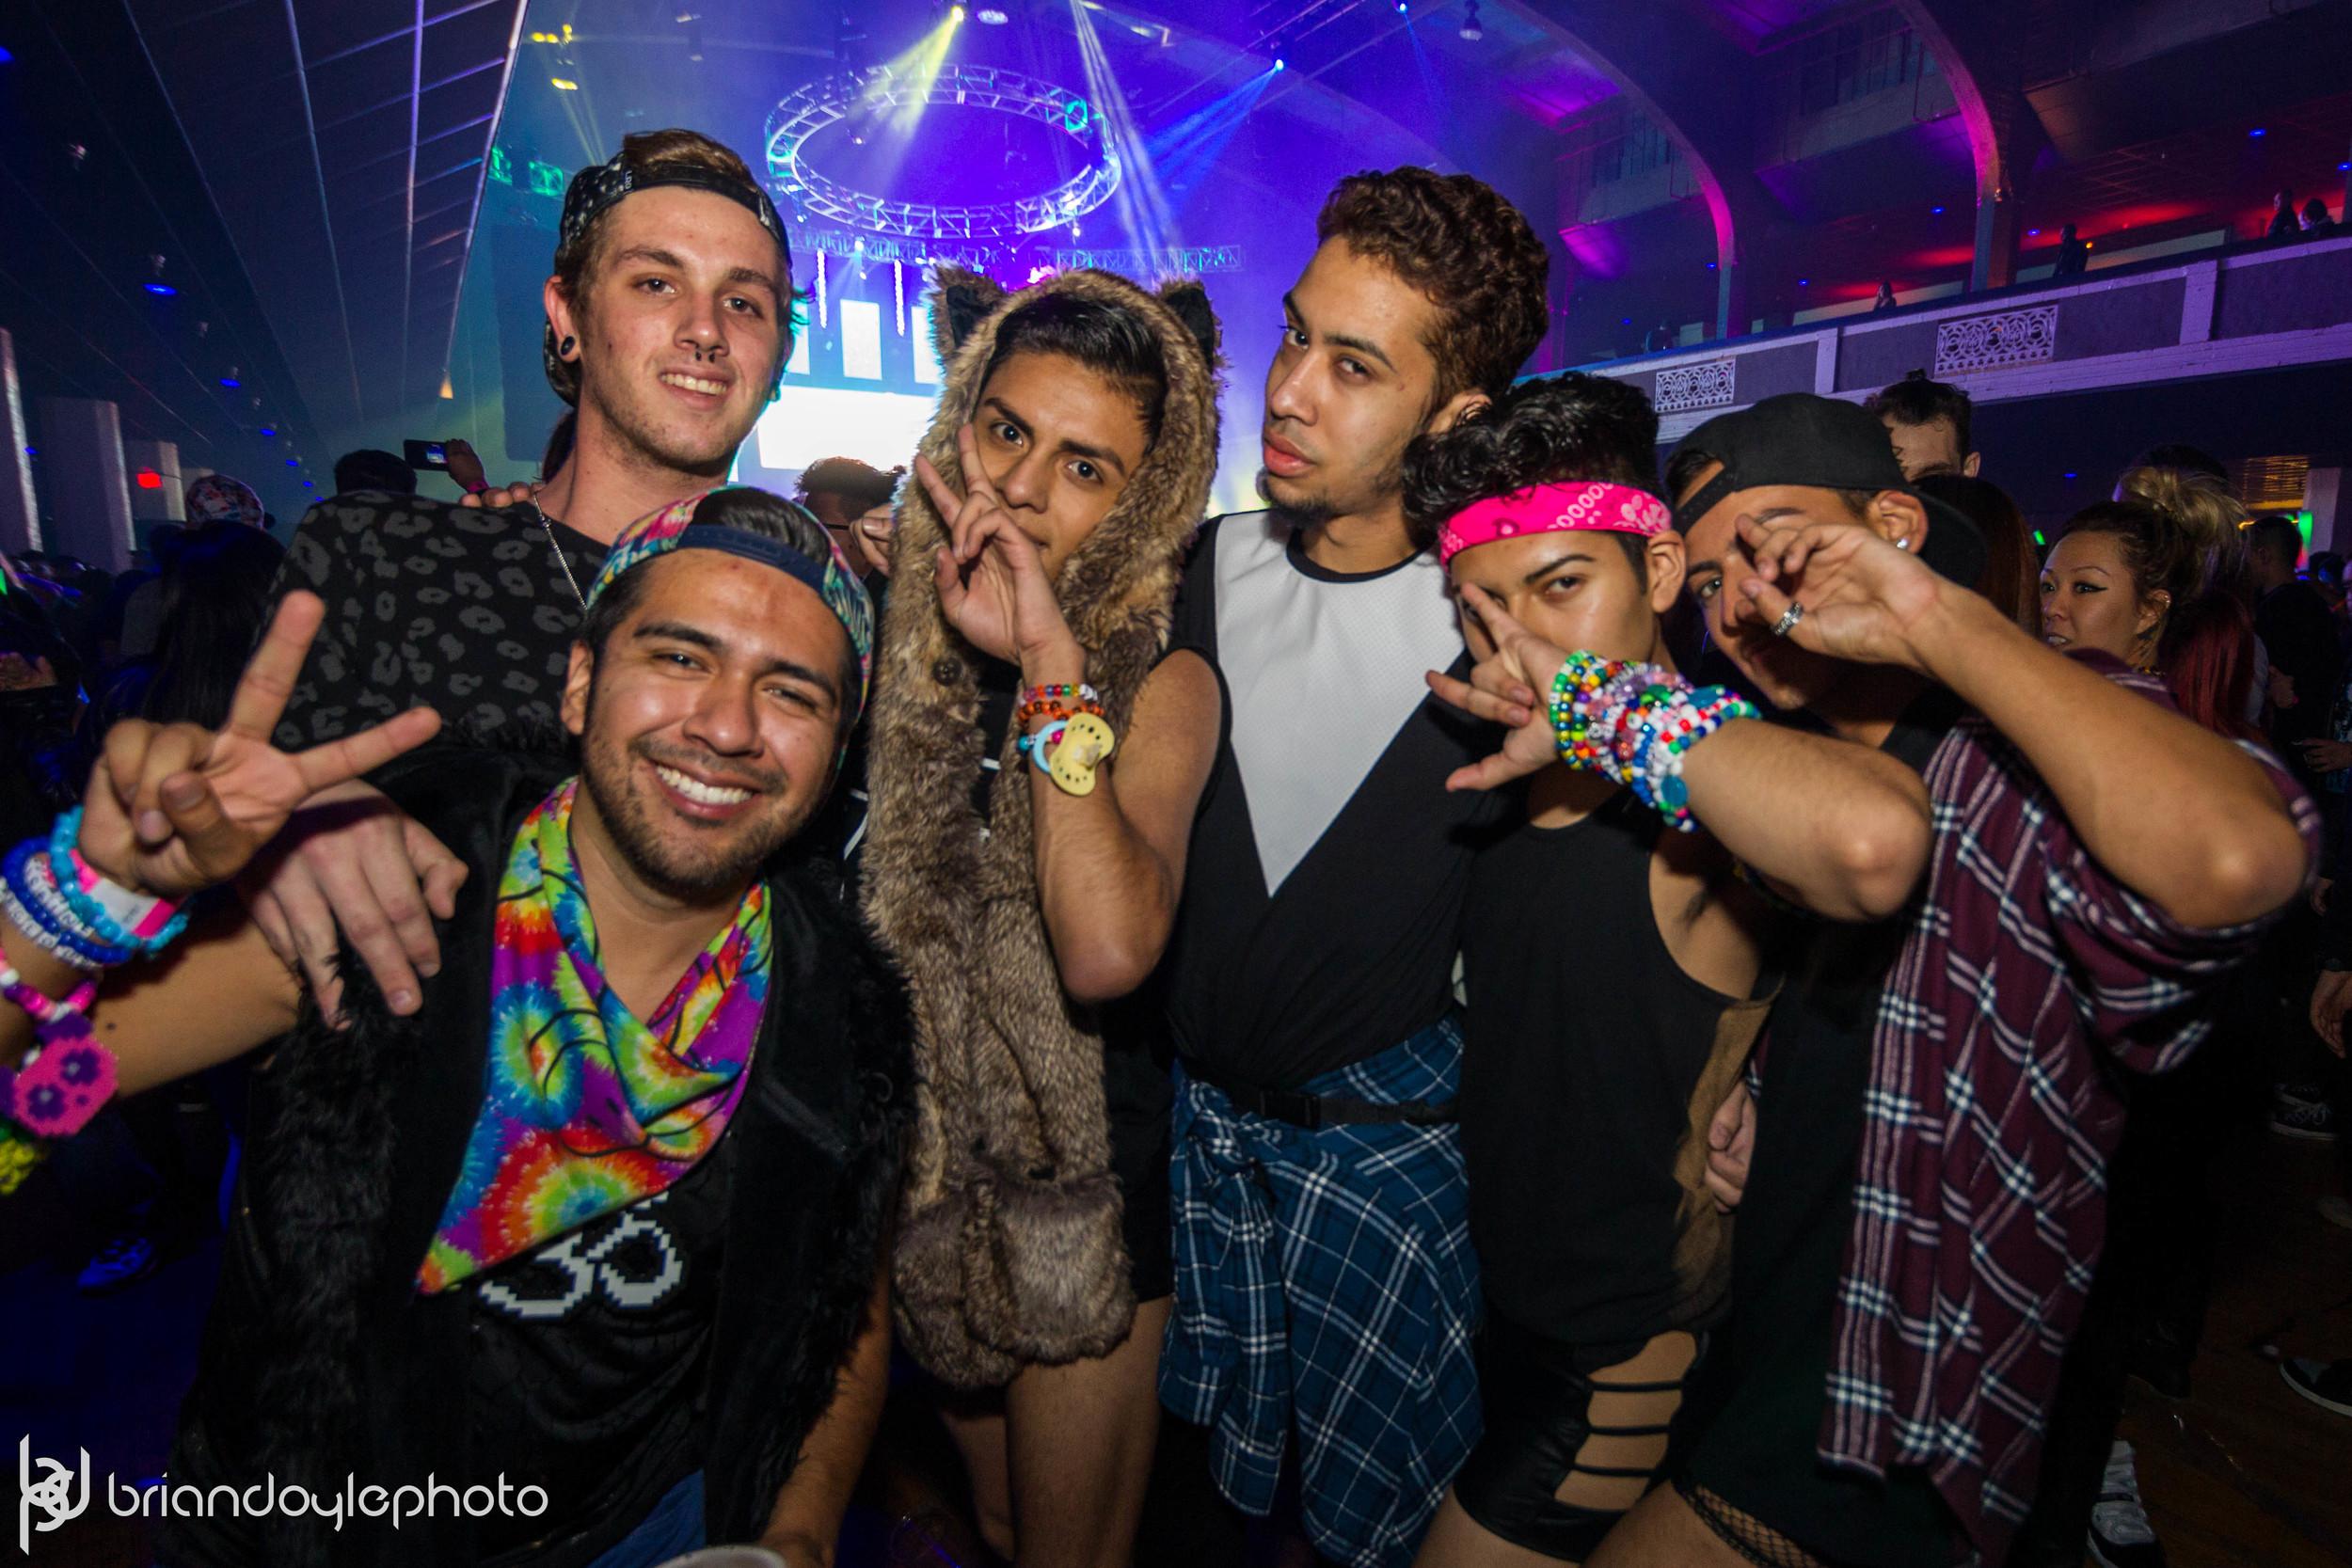 OMFG NYE 2015 LA - Deorro, Madeon, What So Not, Ookay, Paris Blohm, Bixel Boys 2014.12.30 -52.jpg